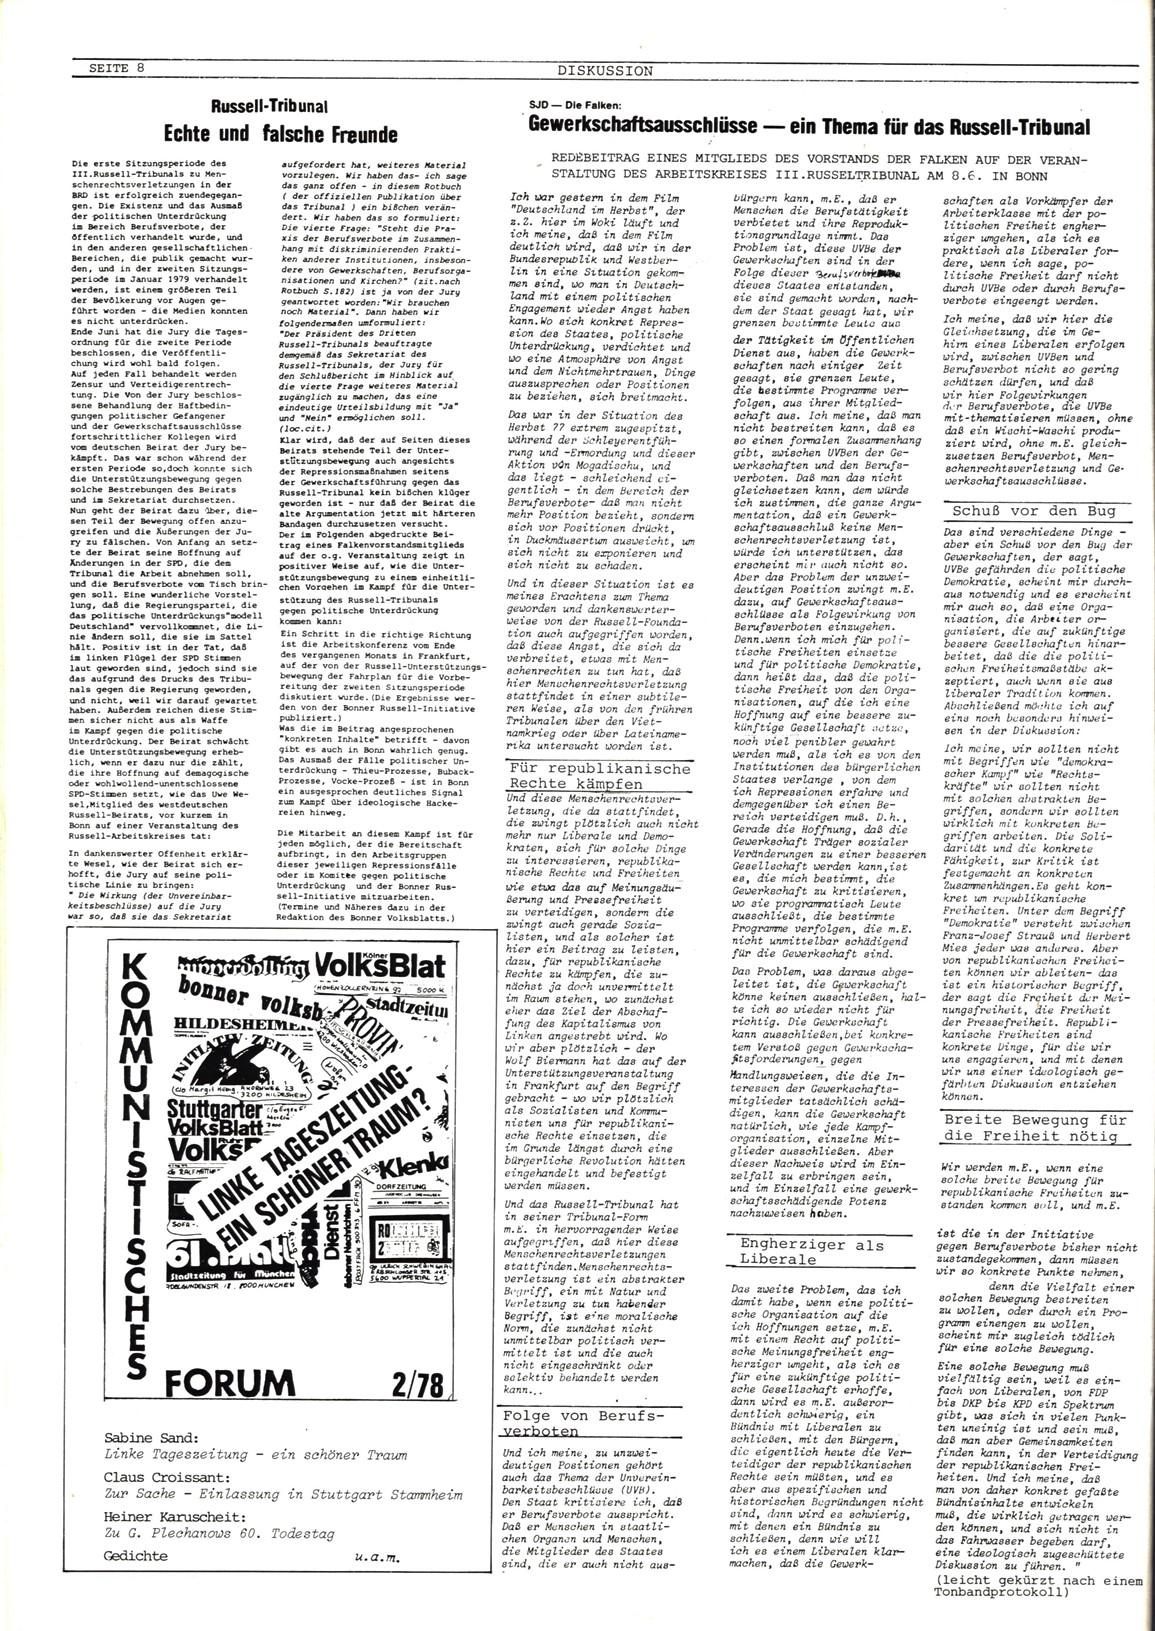 Bonner_Volksblatt_14_19780628_08